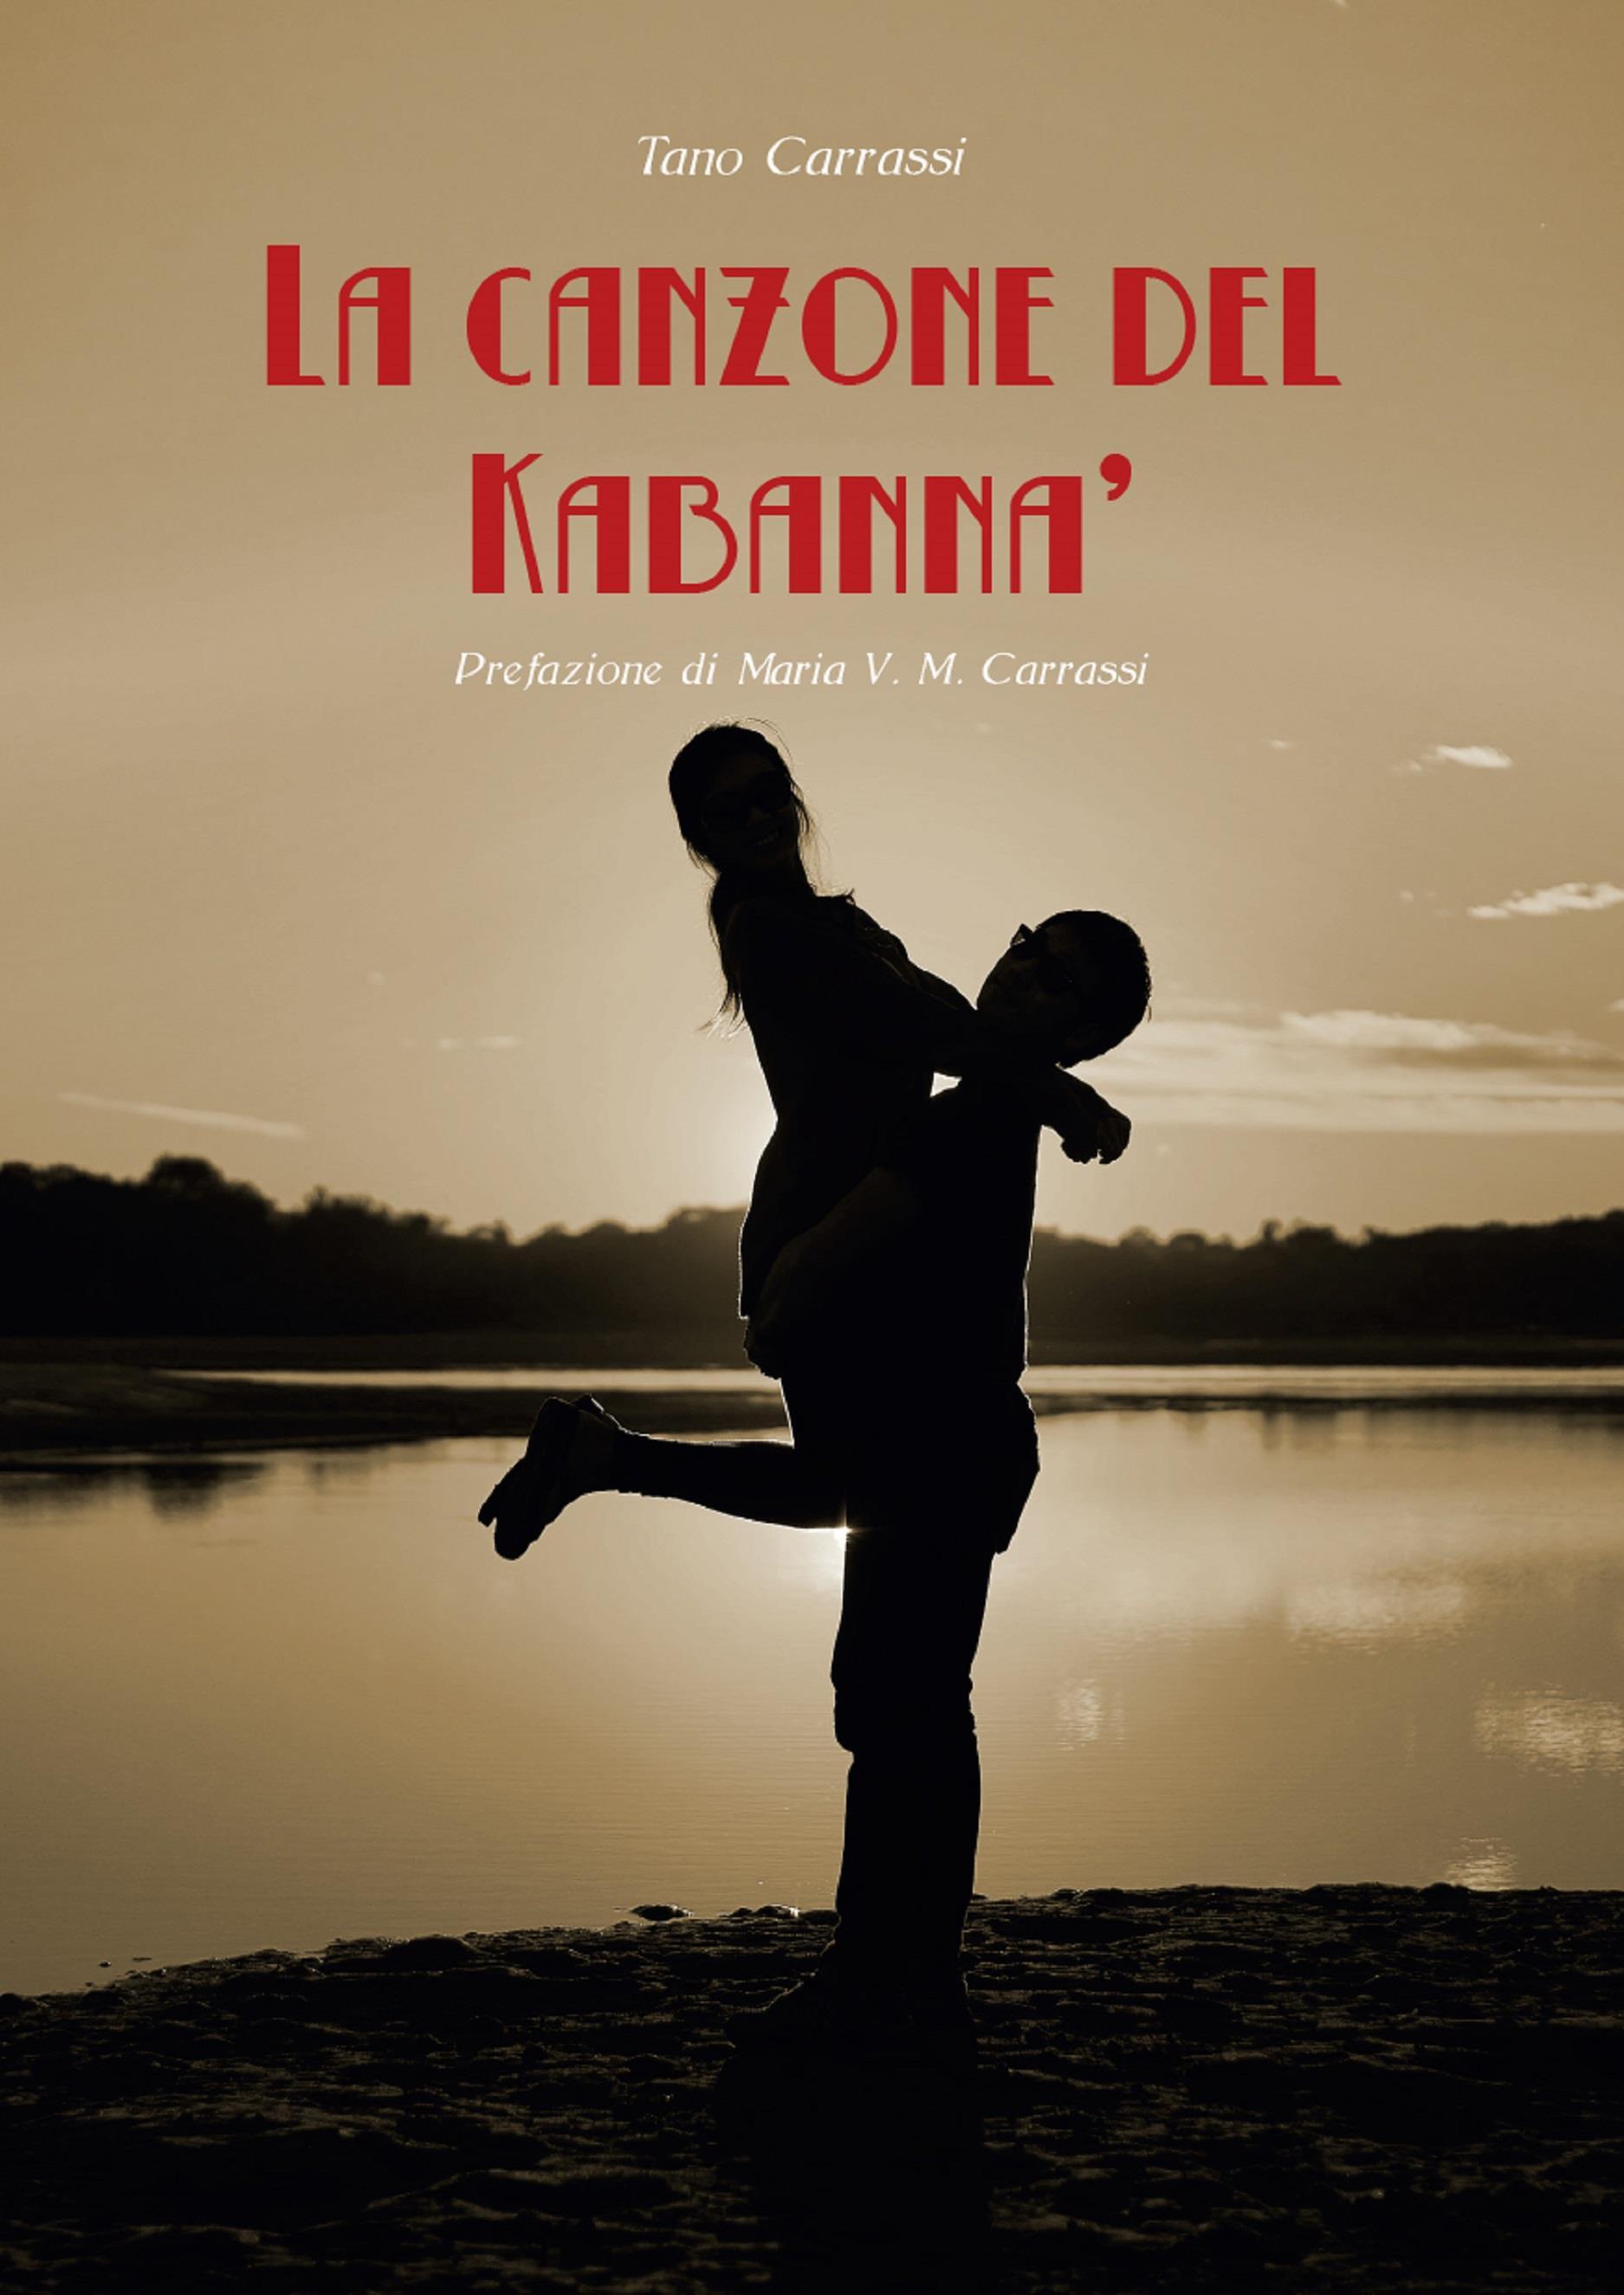 La Canzone del Kabannà